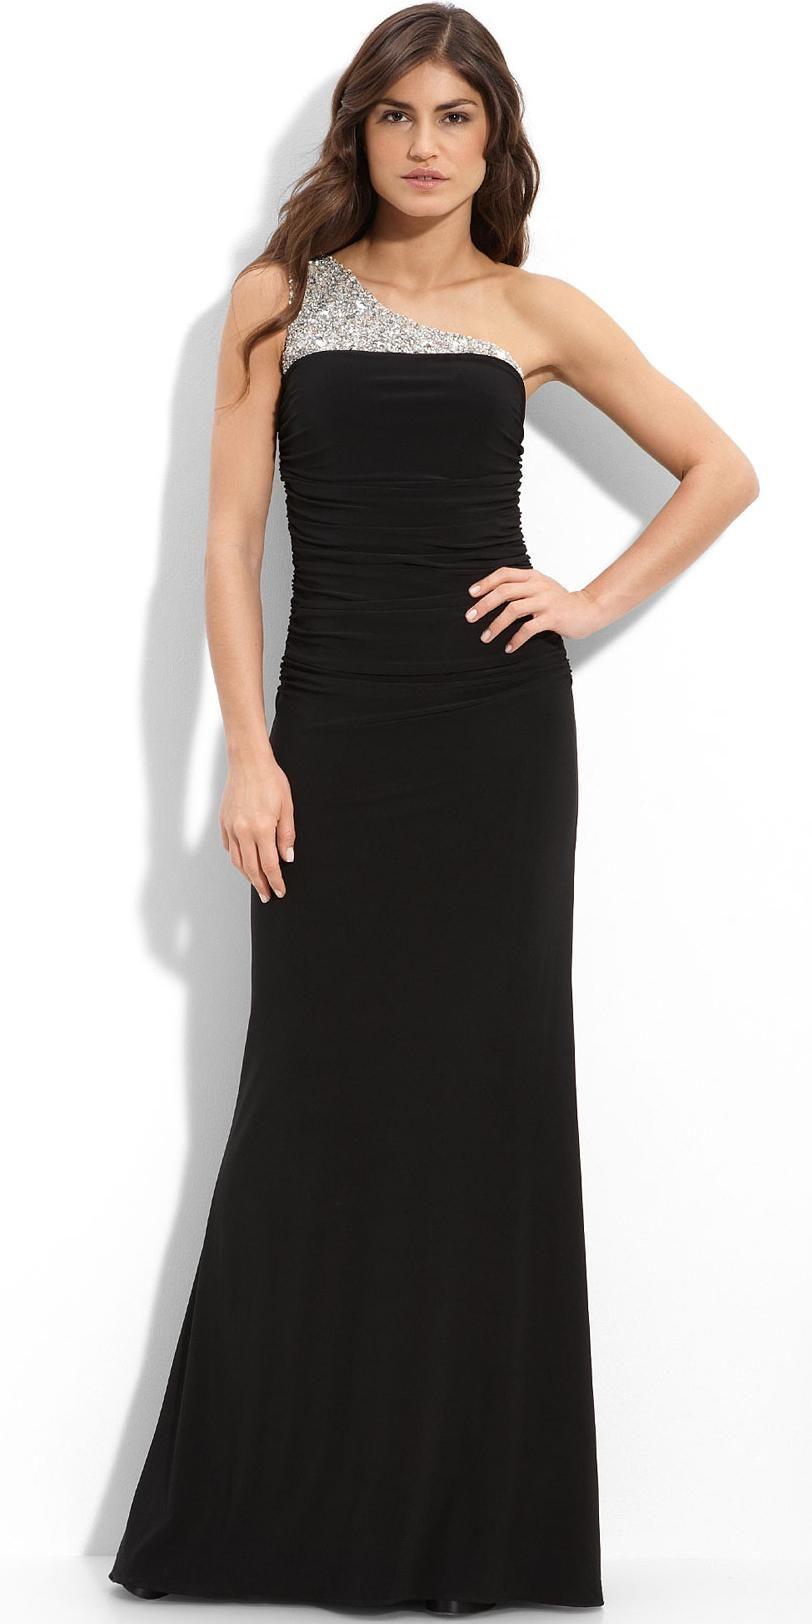 Long Black One Shoulder Satin Evening Dresses